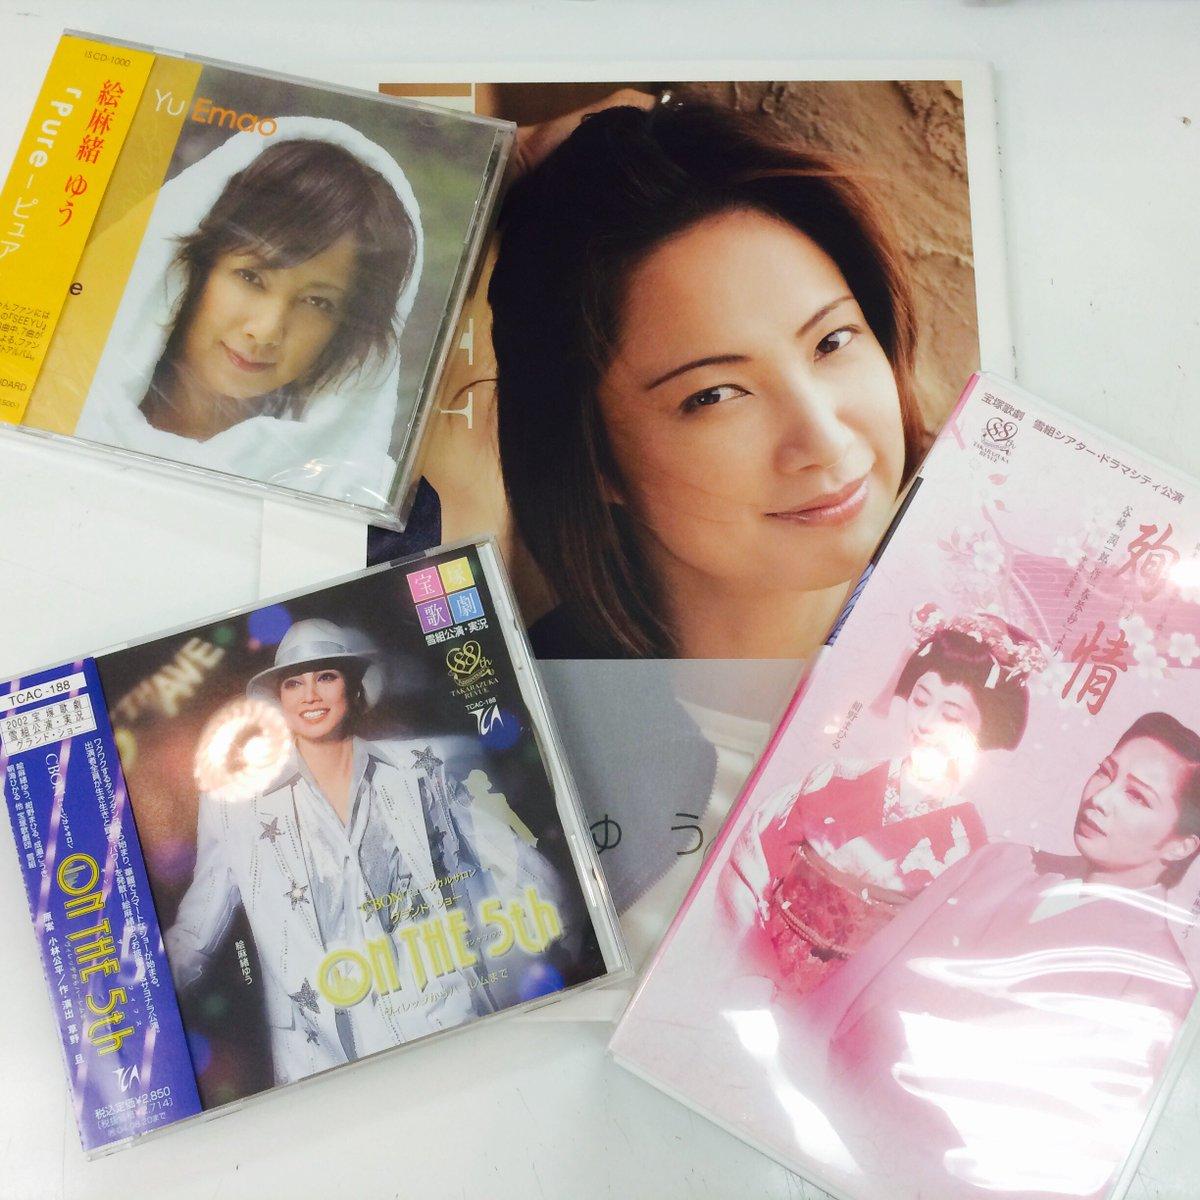 【宝塚アン 有楽町駅前店】今年デビュー30周年でもある、元雪組トップスター えまおゆうさん🌟お誕生日おめでとうございます